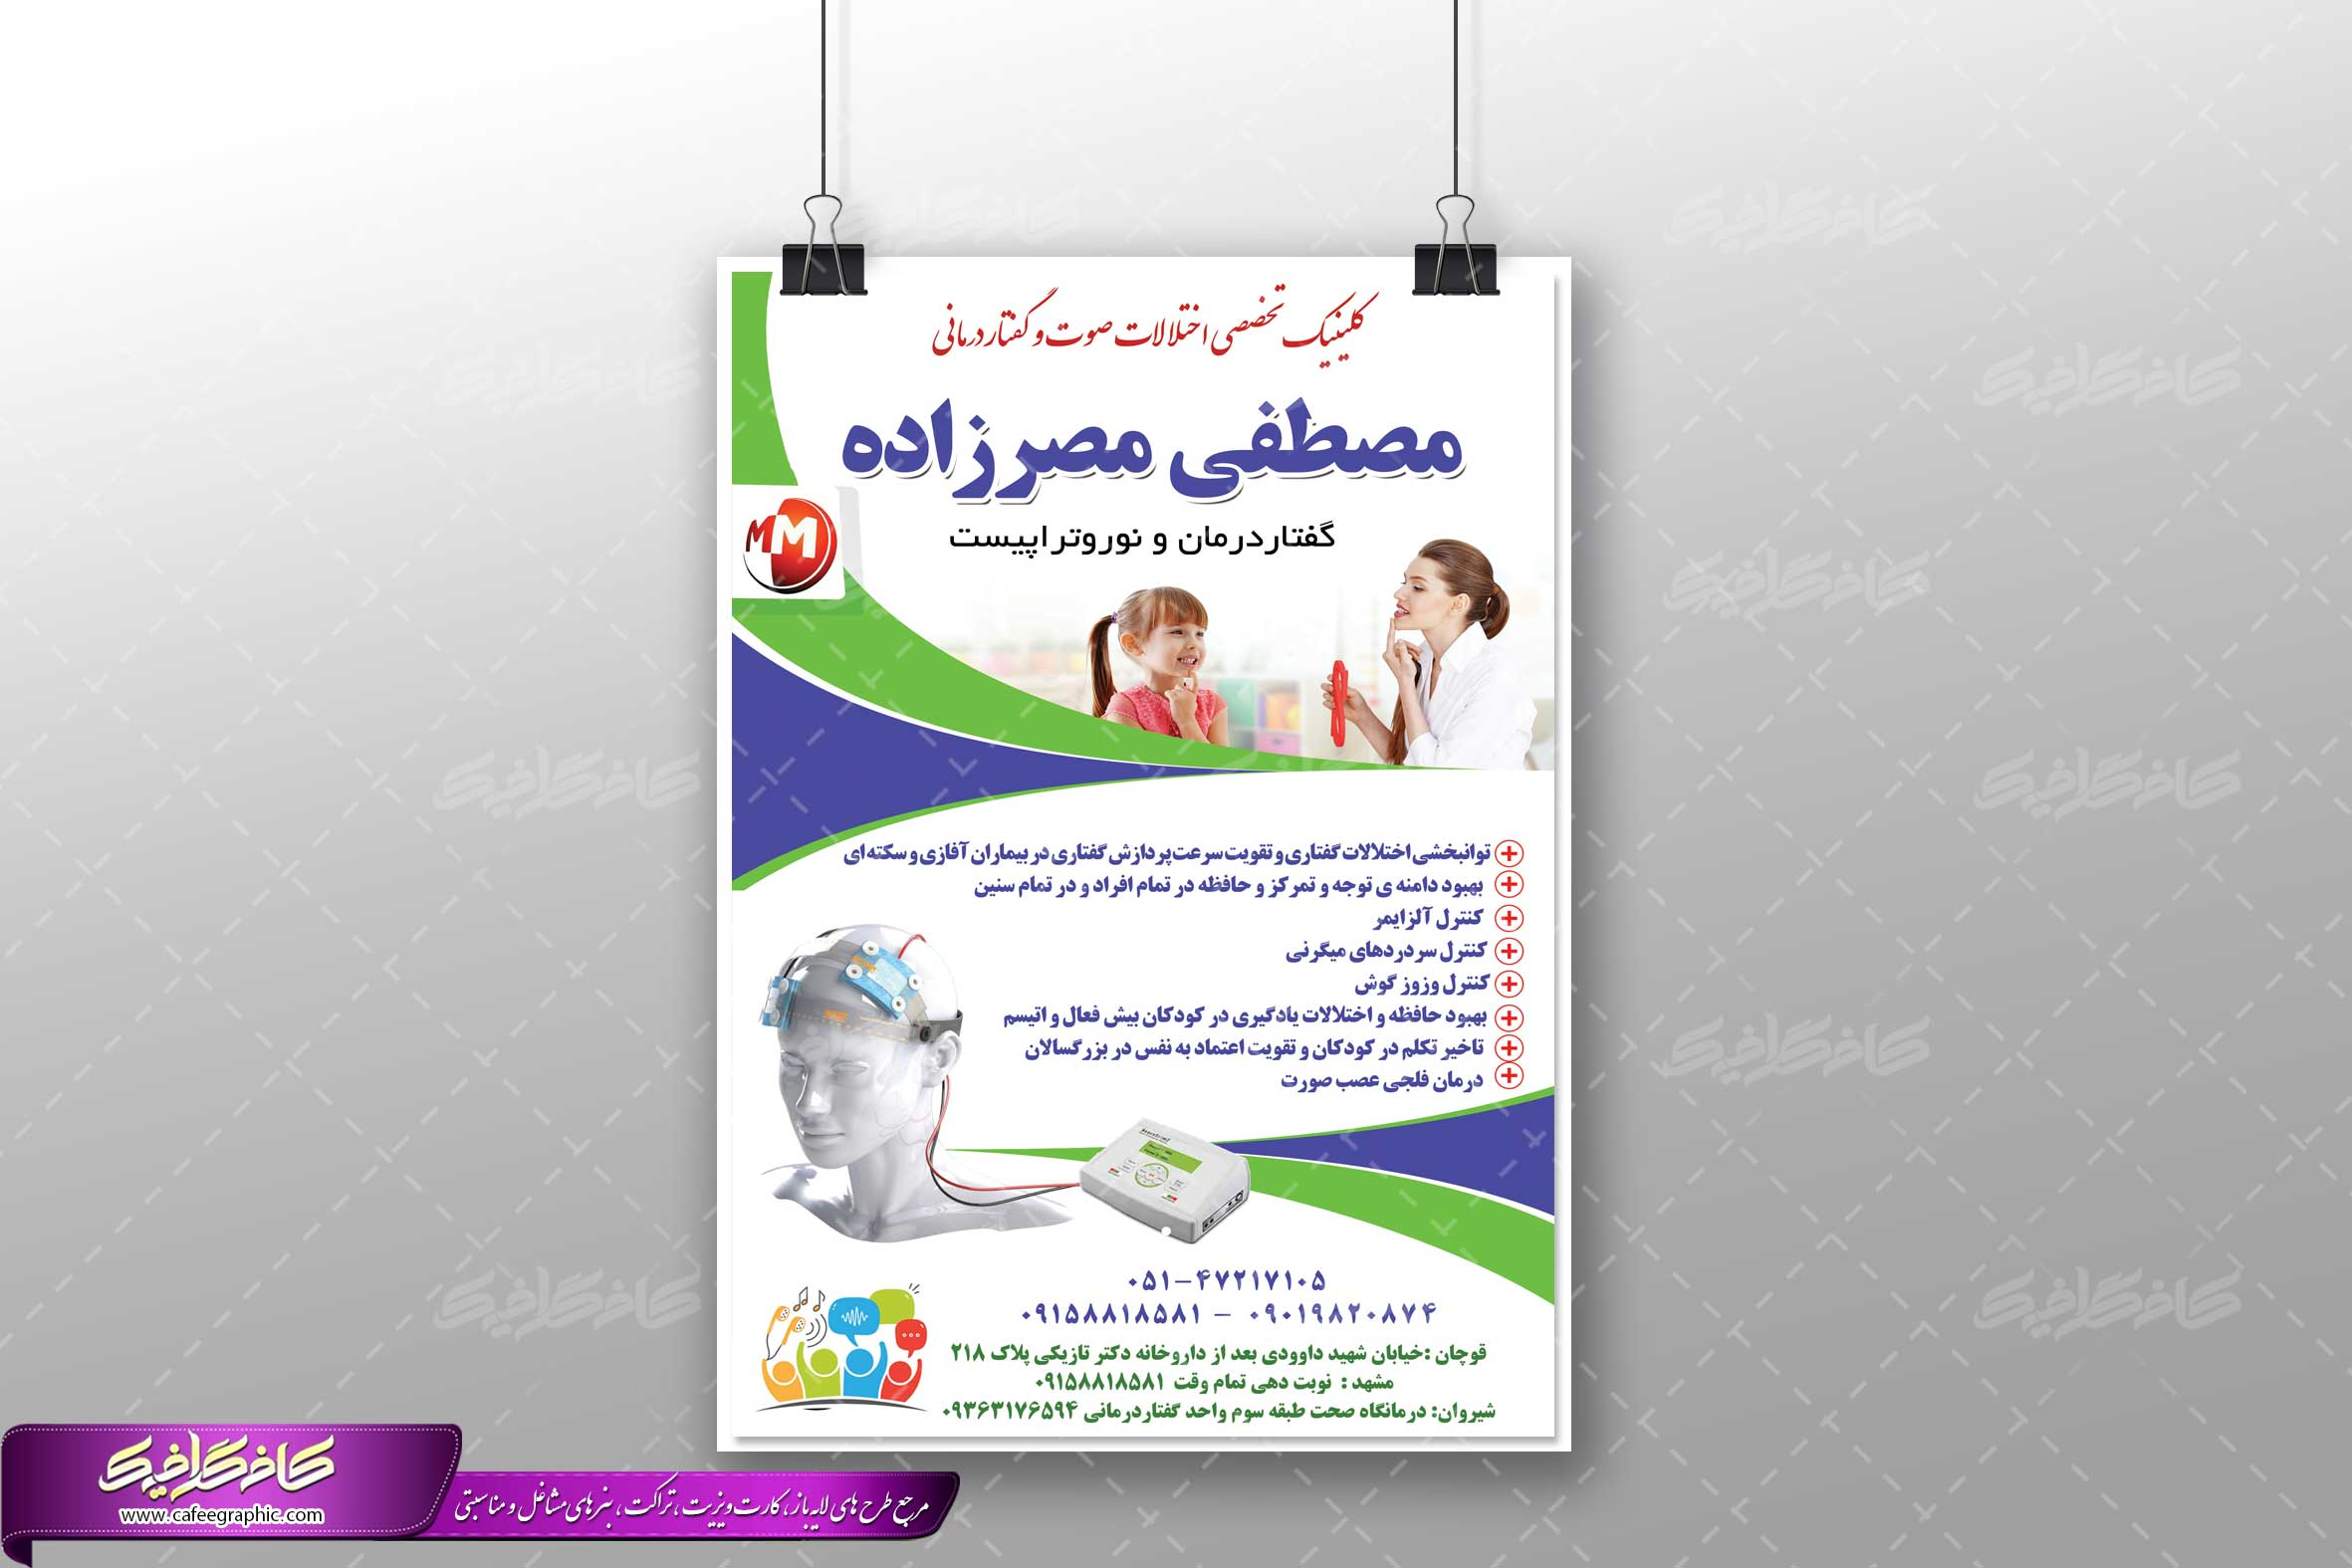 طرح تراکت دکتر و متخصص گفتار درمانی